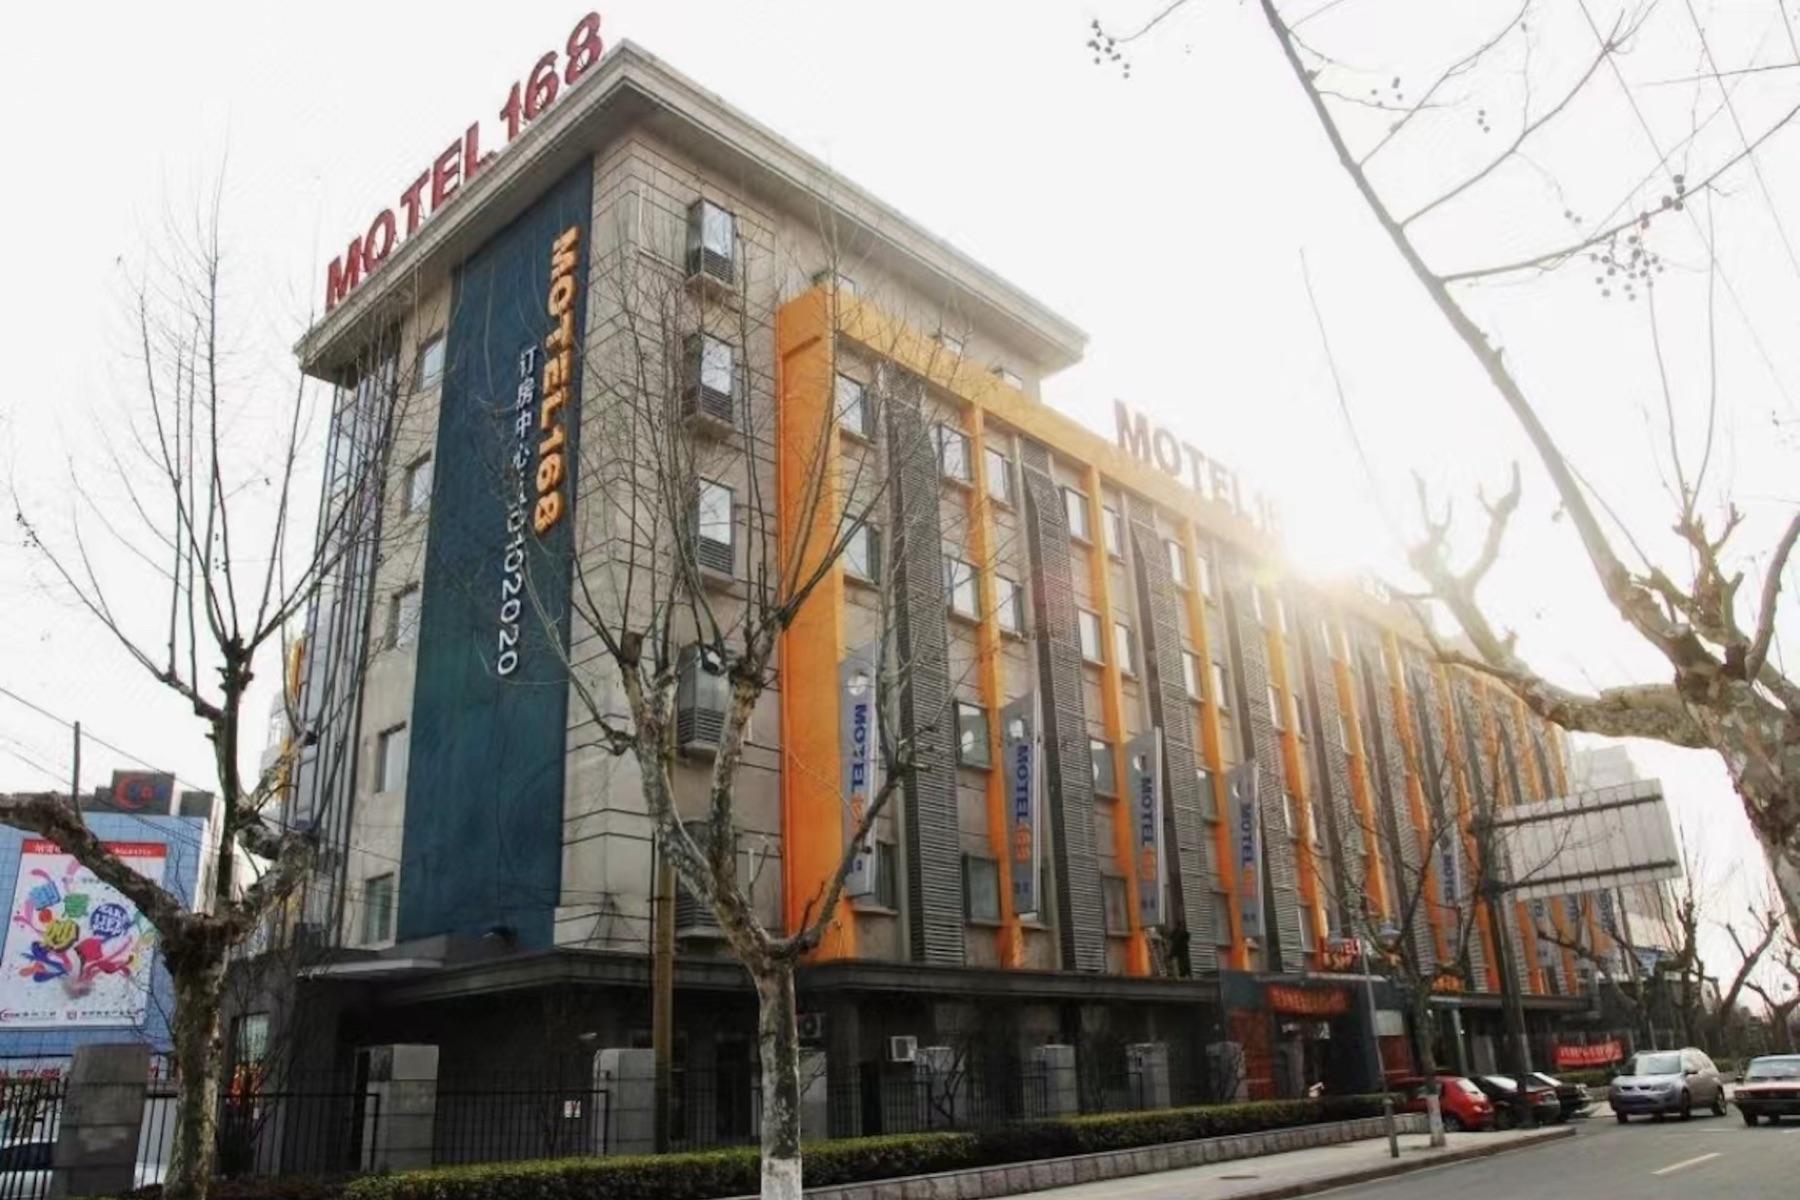 莫泰-常州兰陵九洲新世界美食街店